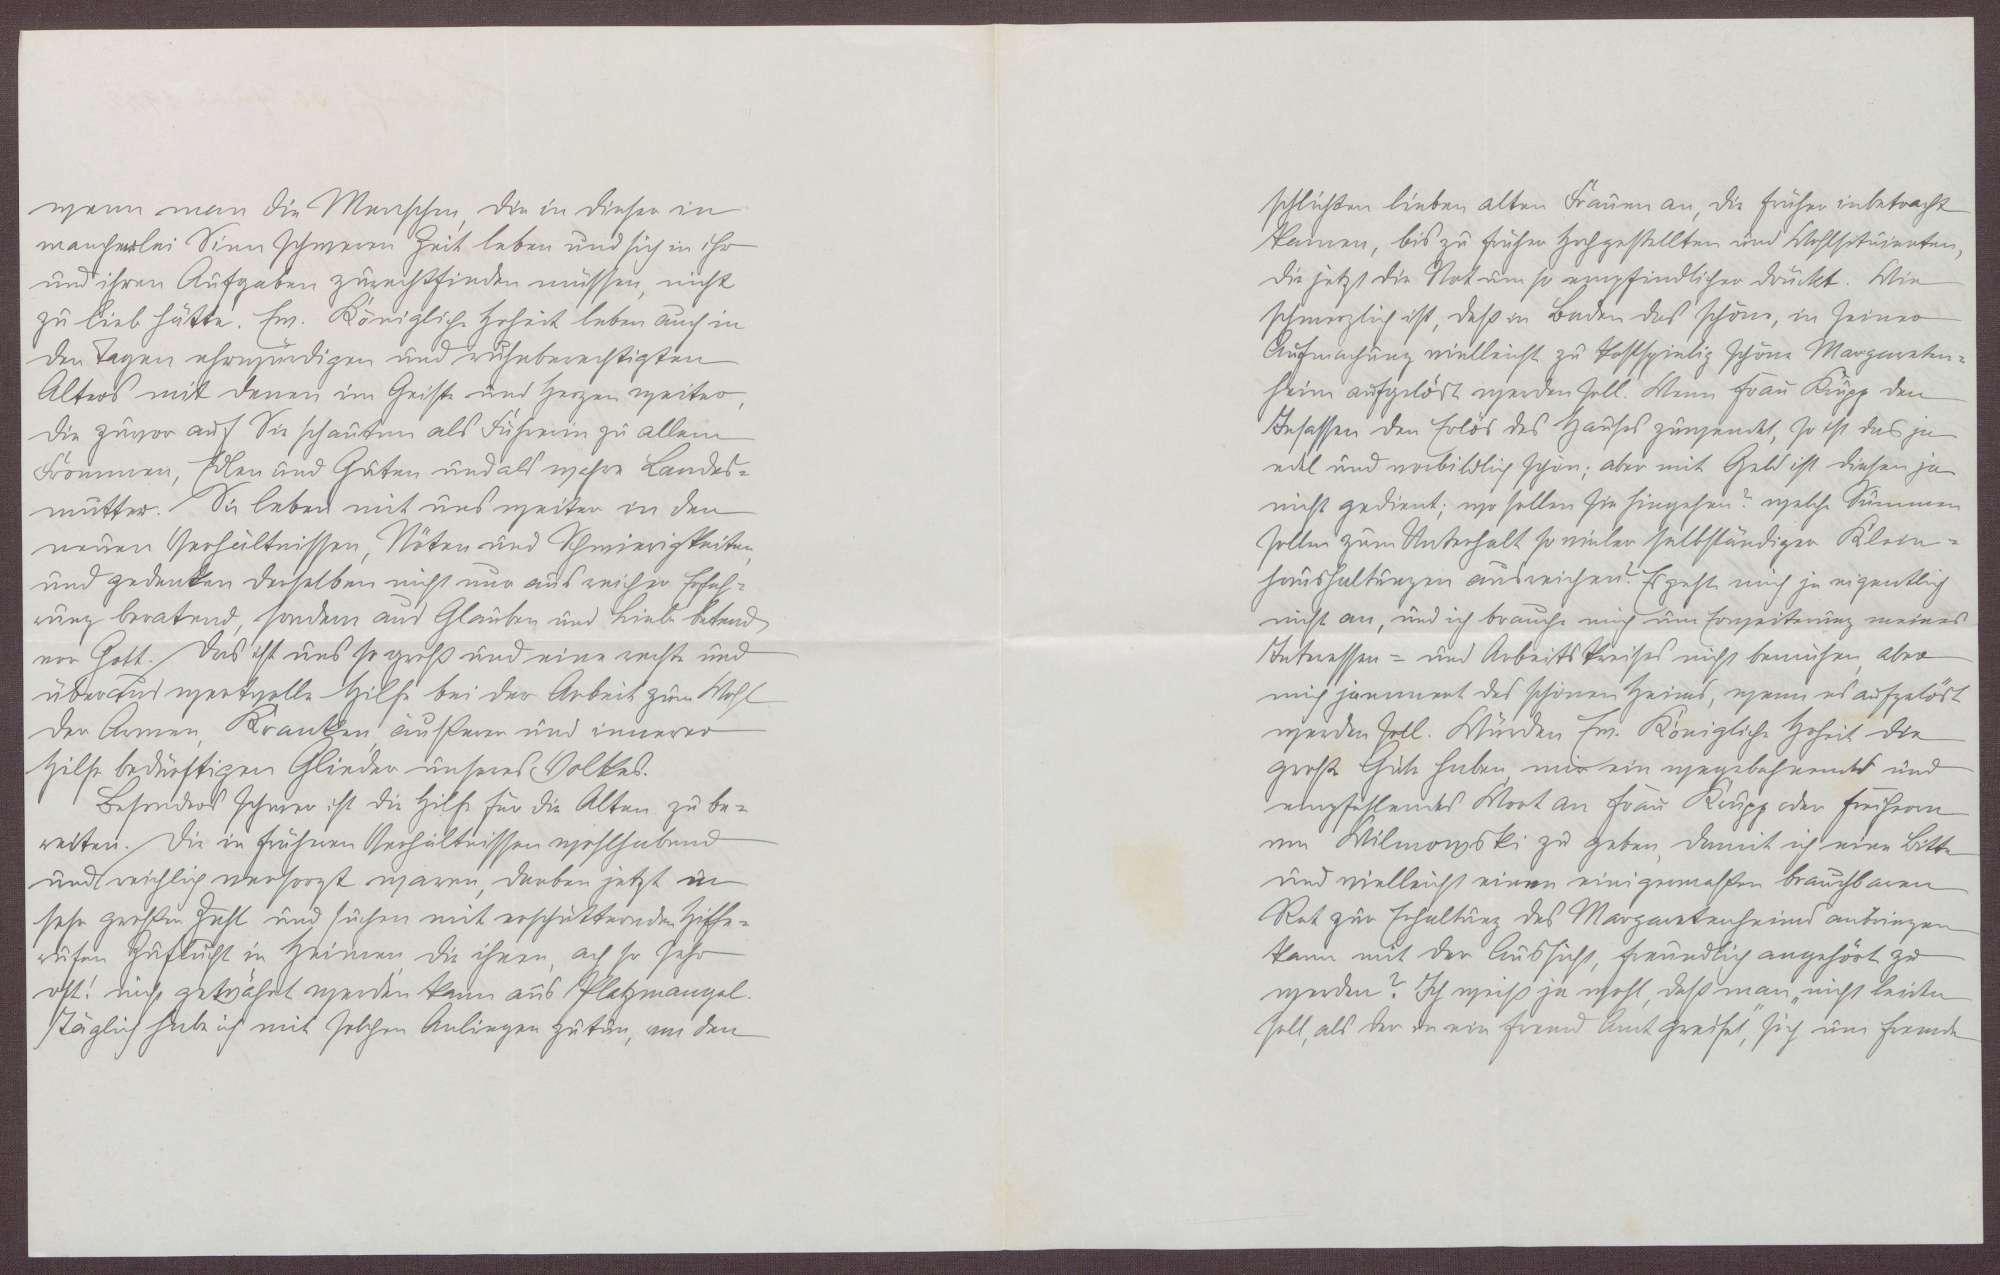 Schreiben von Friedrich Katz an die Großherzogin Luise; Aufenthalt der Großherzogin auf der Insel Mainau; Klage über die gegenwärtige Zeit, Bild 3